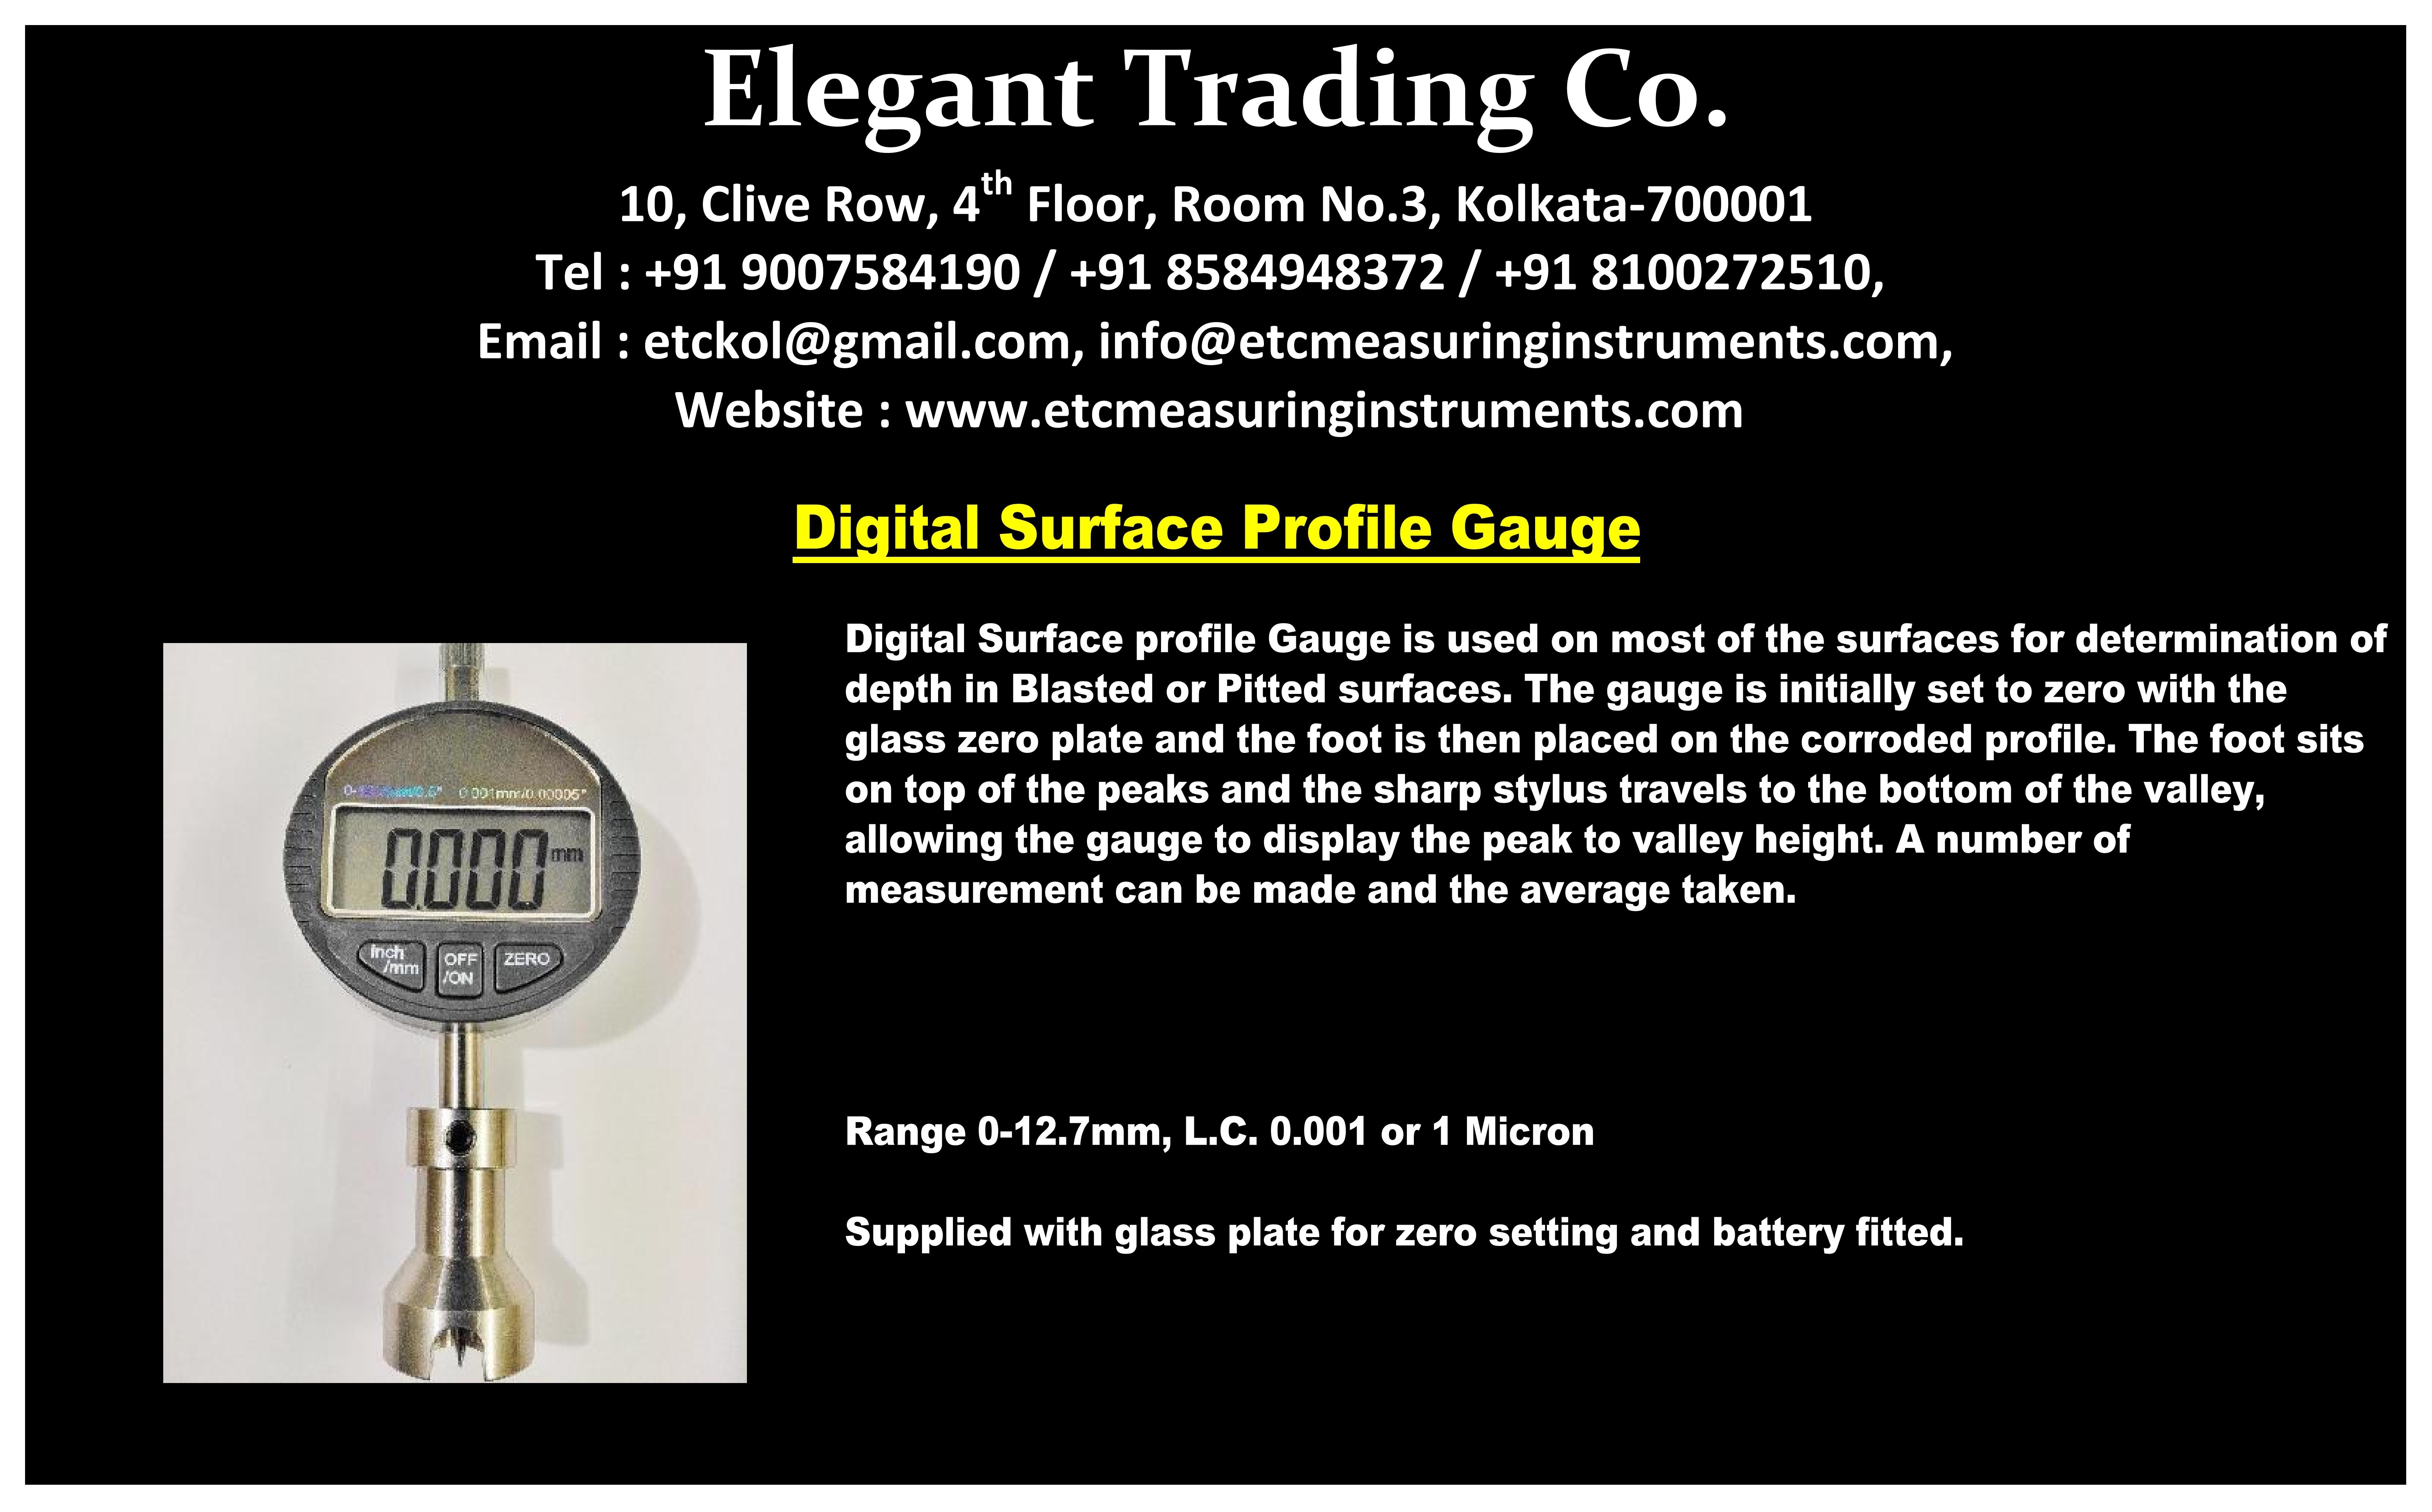 ETC Digital Surface Profile Gauge_001